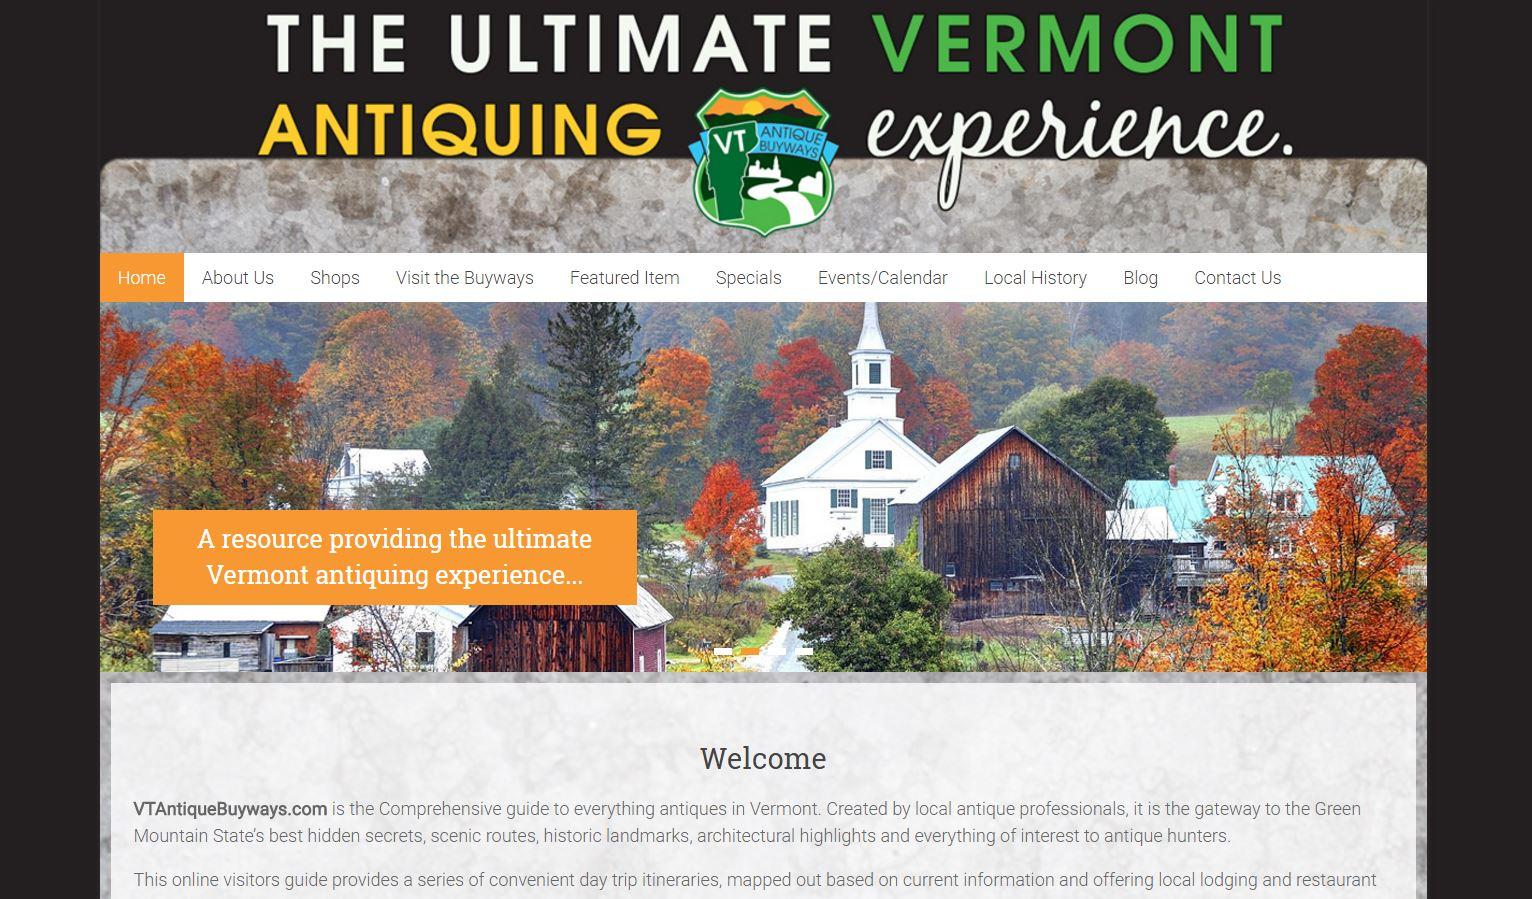 Vermont Antique Buyways